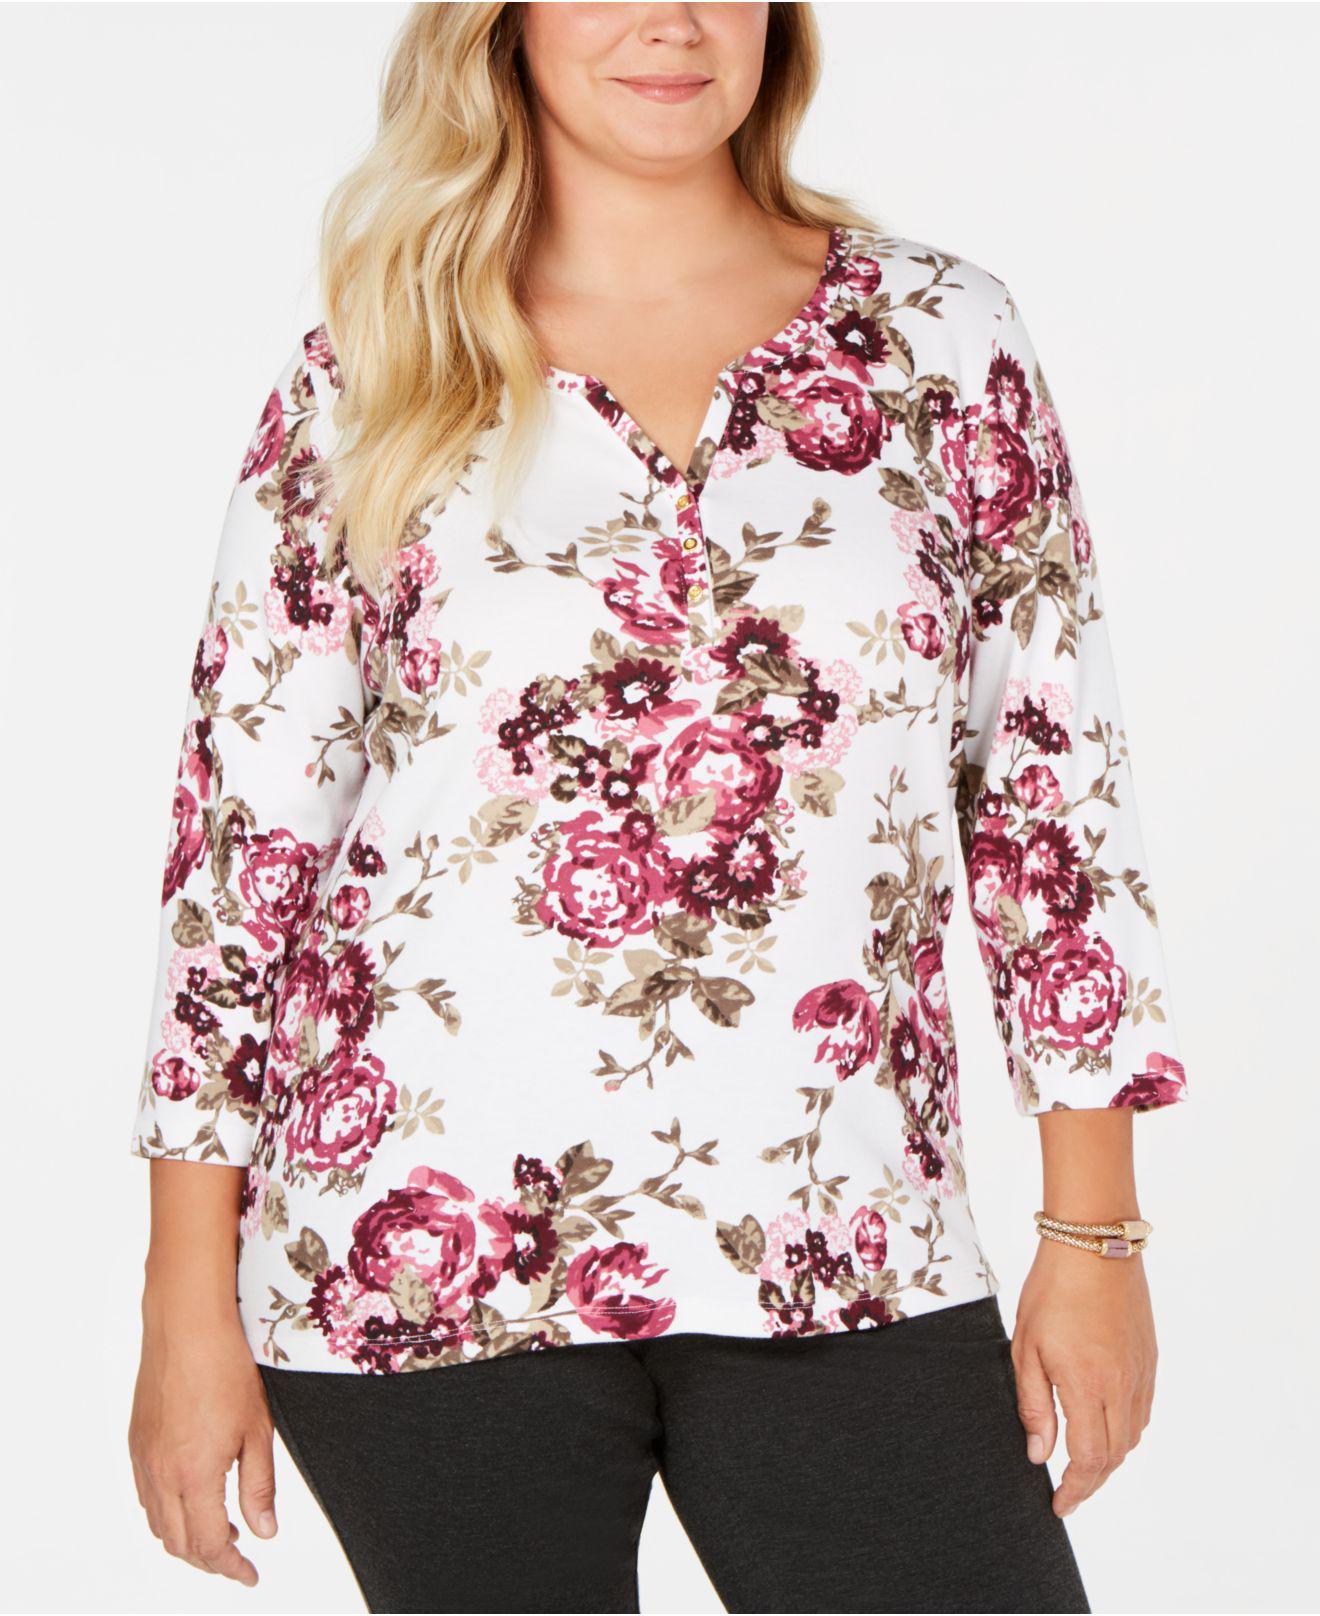 d14a0f2d6a041 Karen Scott. Women s Plus-size Printed 3 4-sleeve Henley